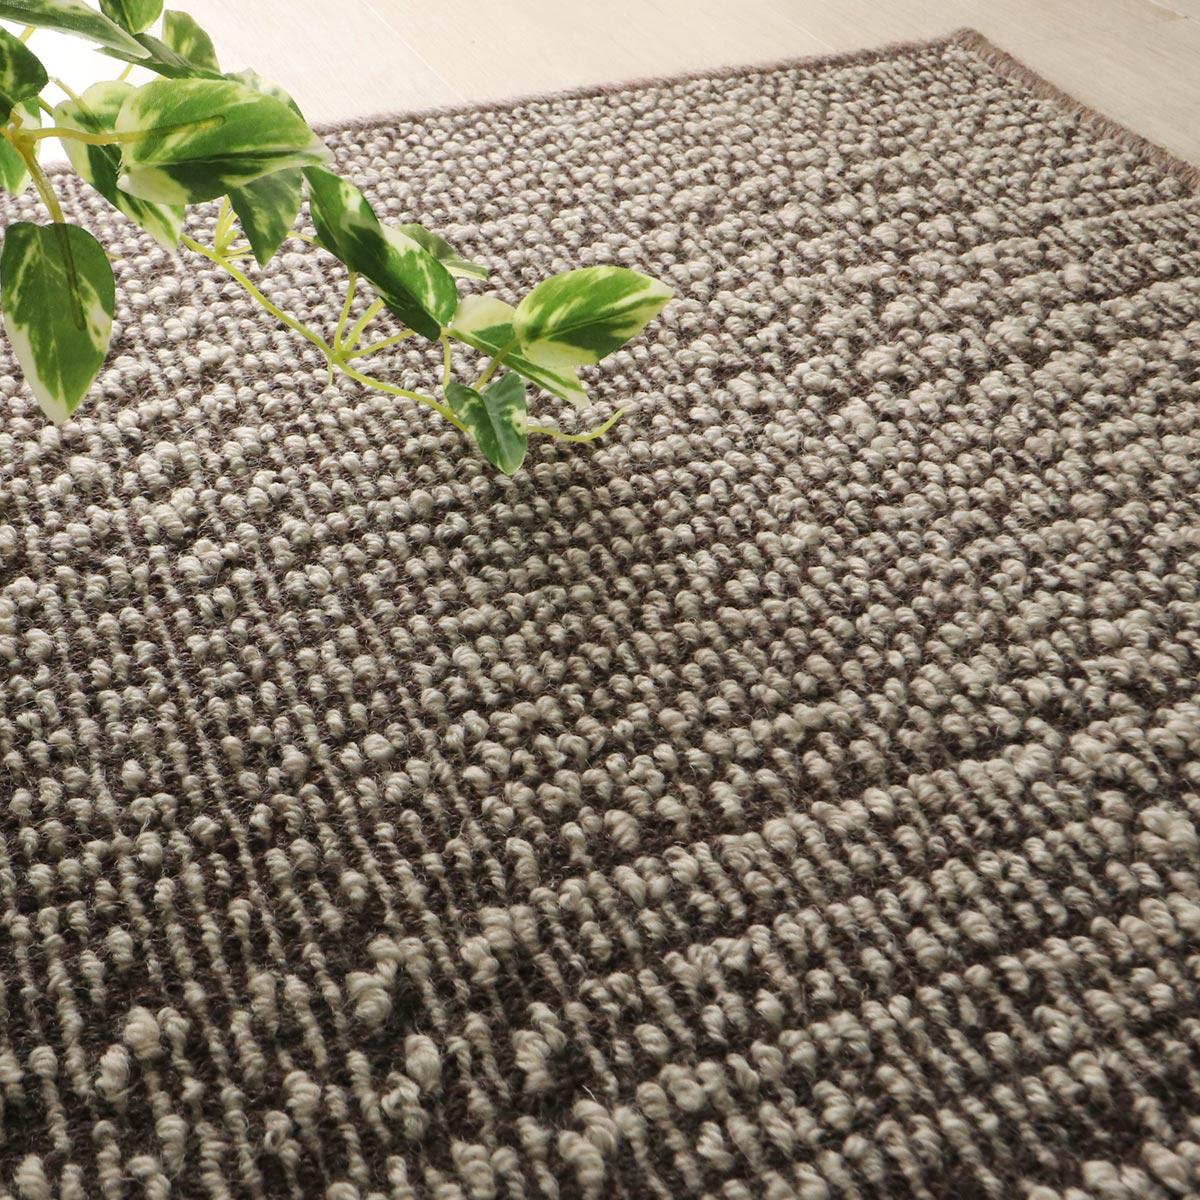 ジャガード織風ウール100%の100サイズカーペット【スラウ】